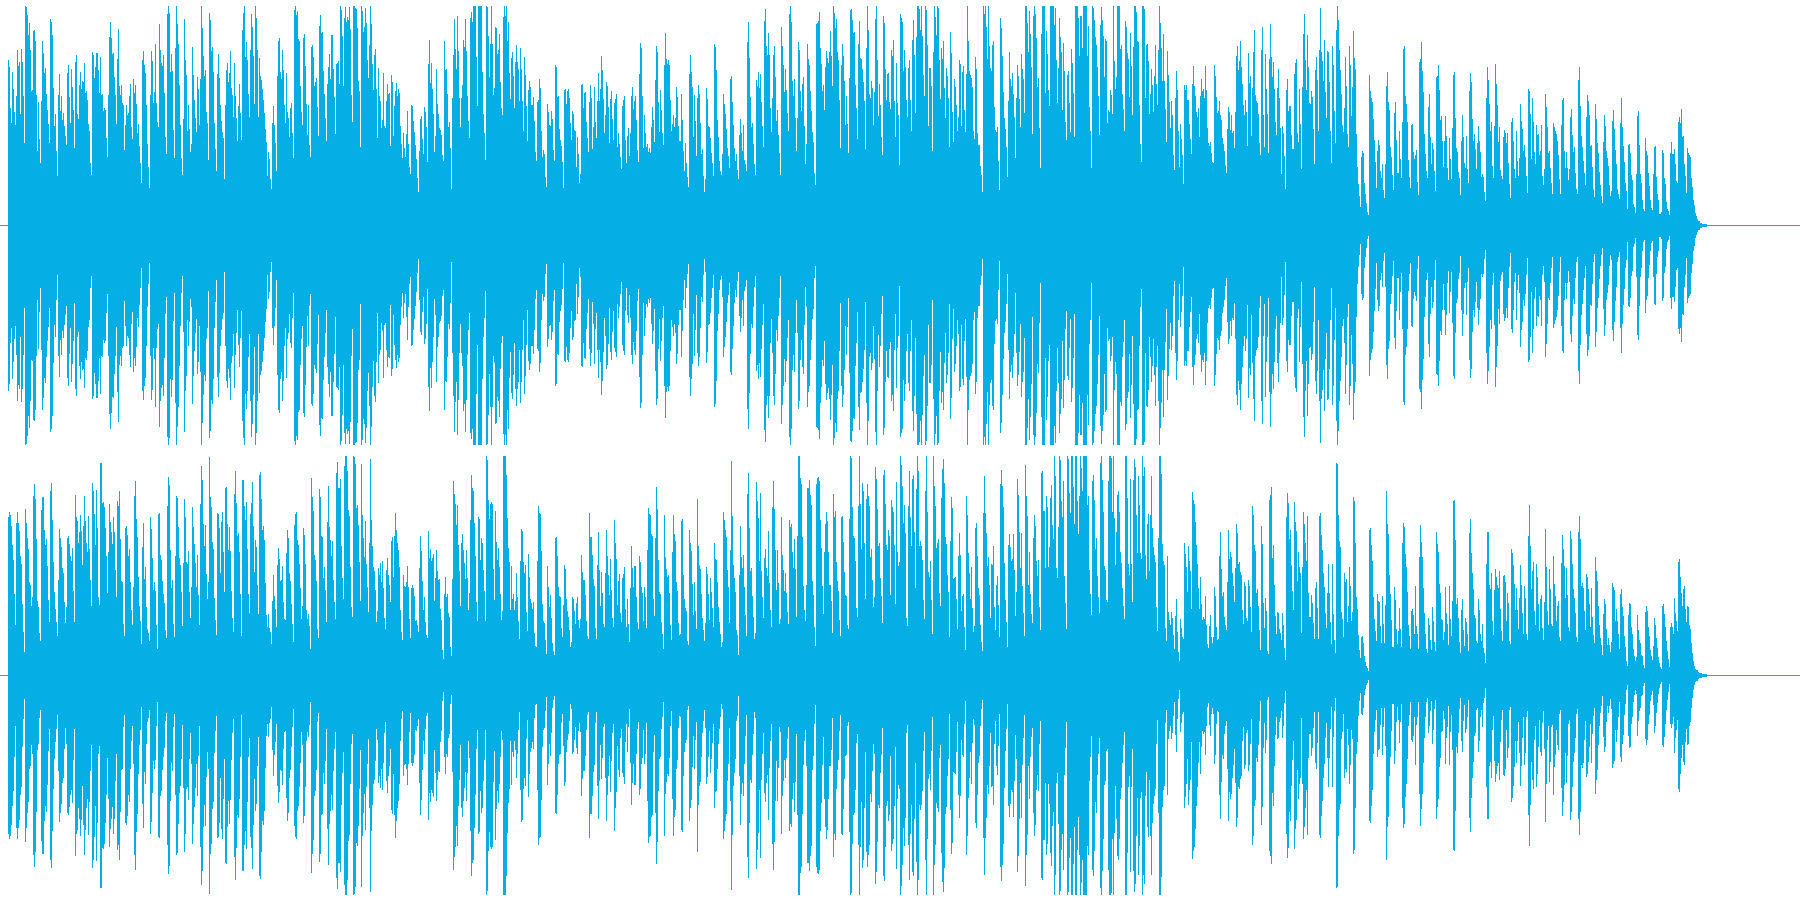 ピアノ名曲 ショパンにもかわいい曲はあるの再生済みの波形